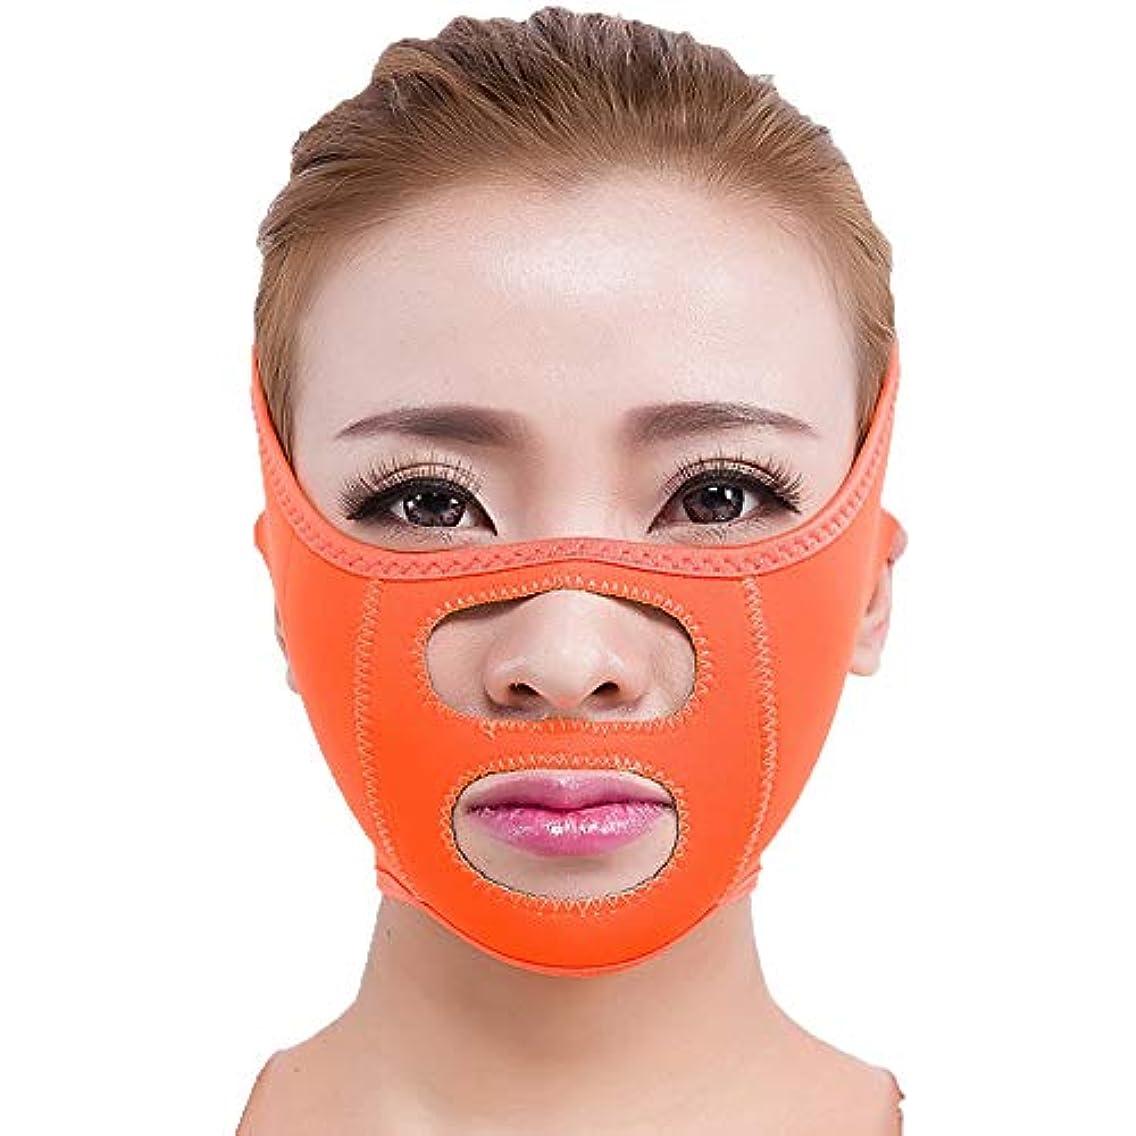 セマフォ前者苦情文句二重顎の圧力低下装置、睡眠薄い顔のベルト小さなvの顔の器械の包帯マスク持ち上げる顔のステッカー,Orange